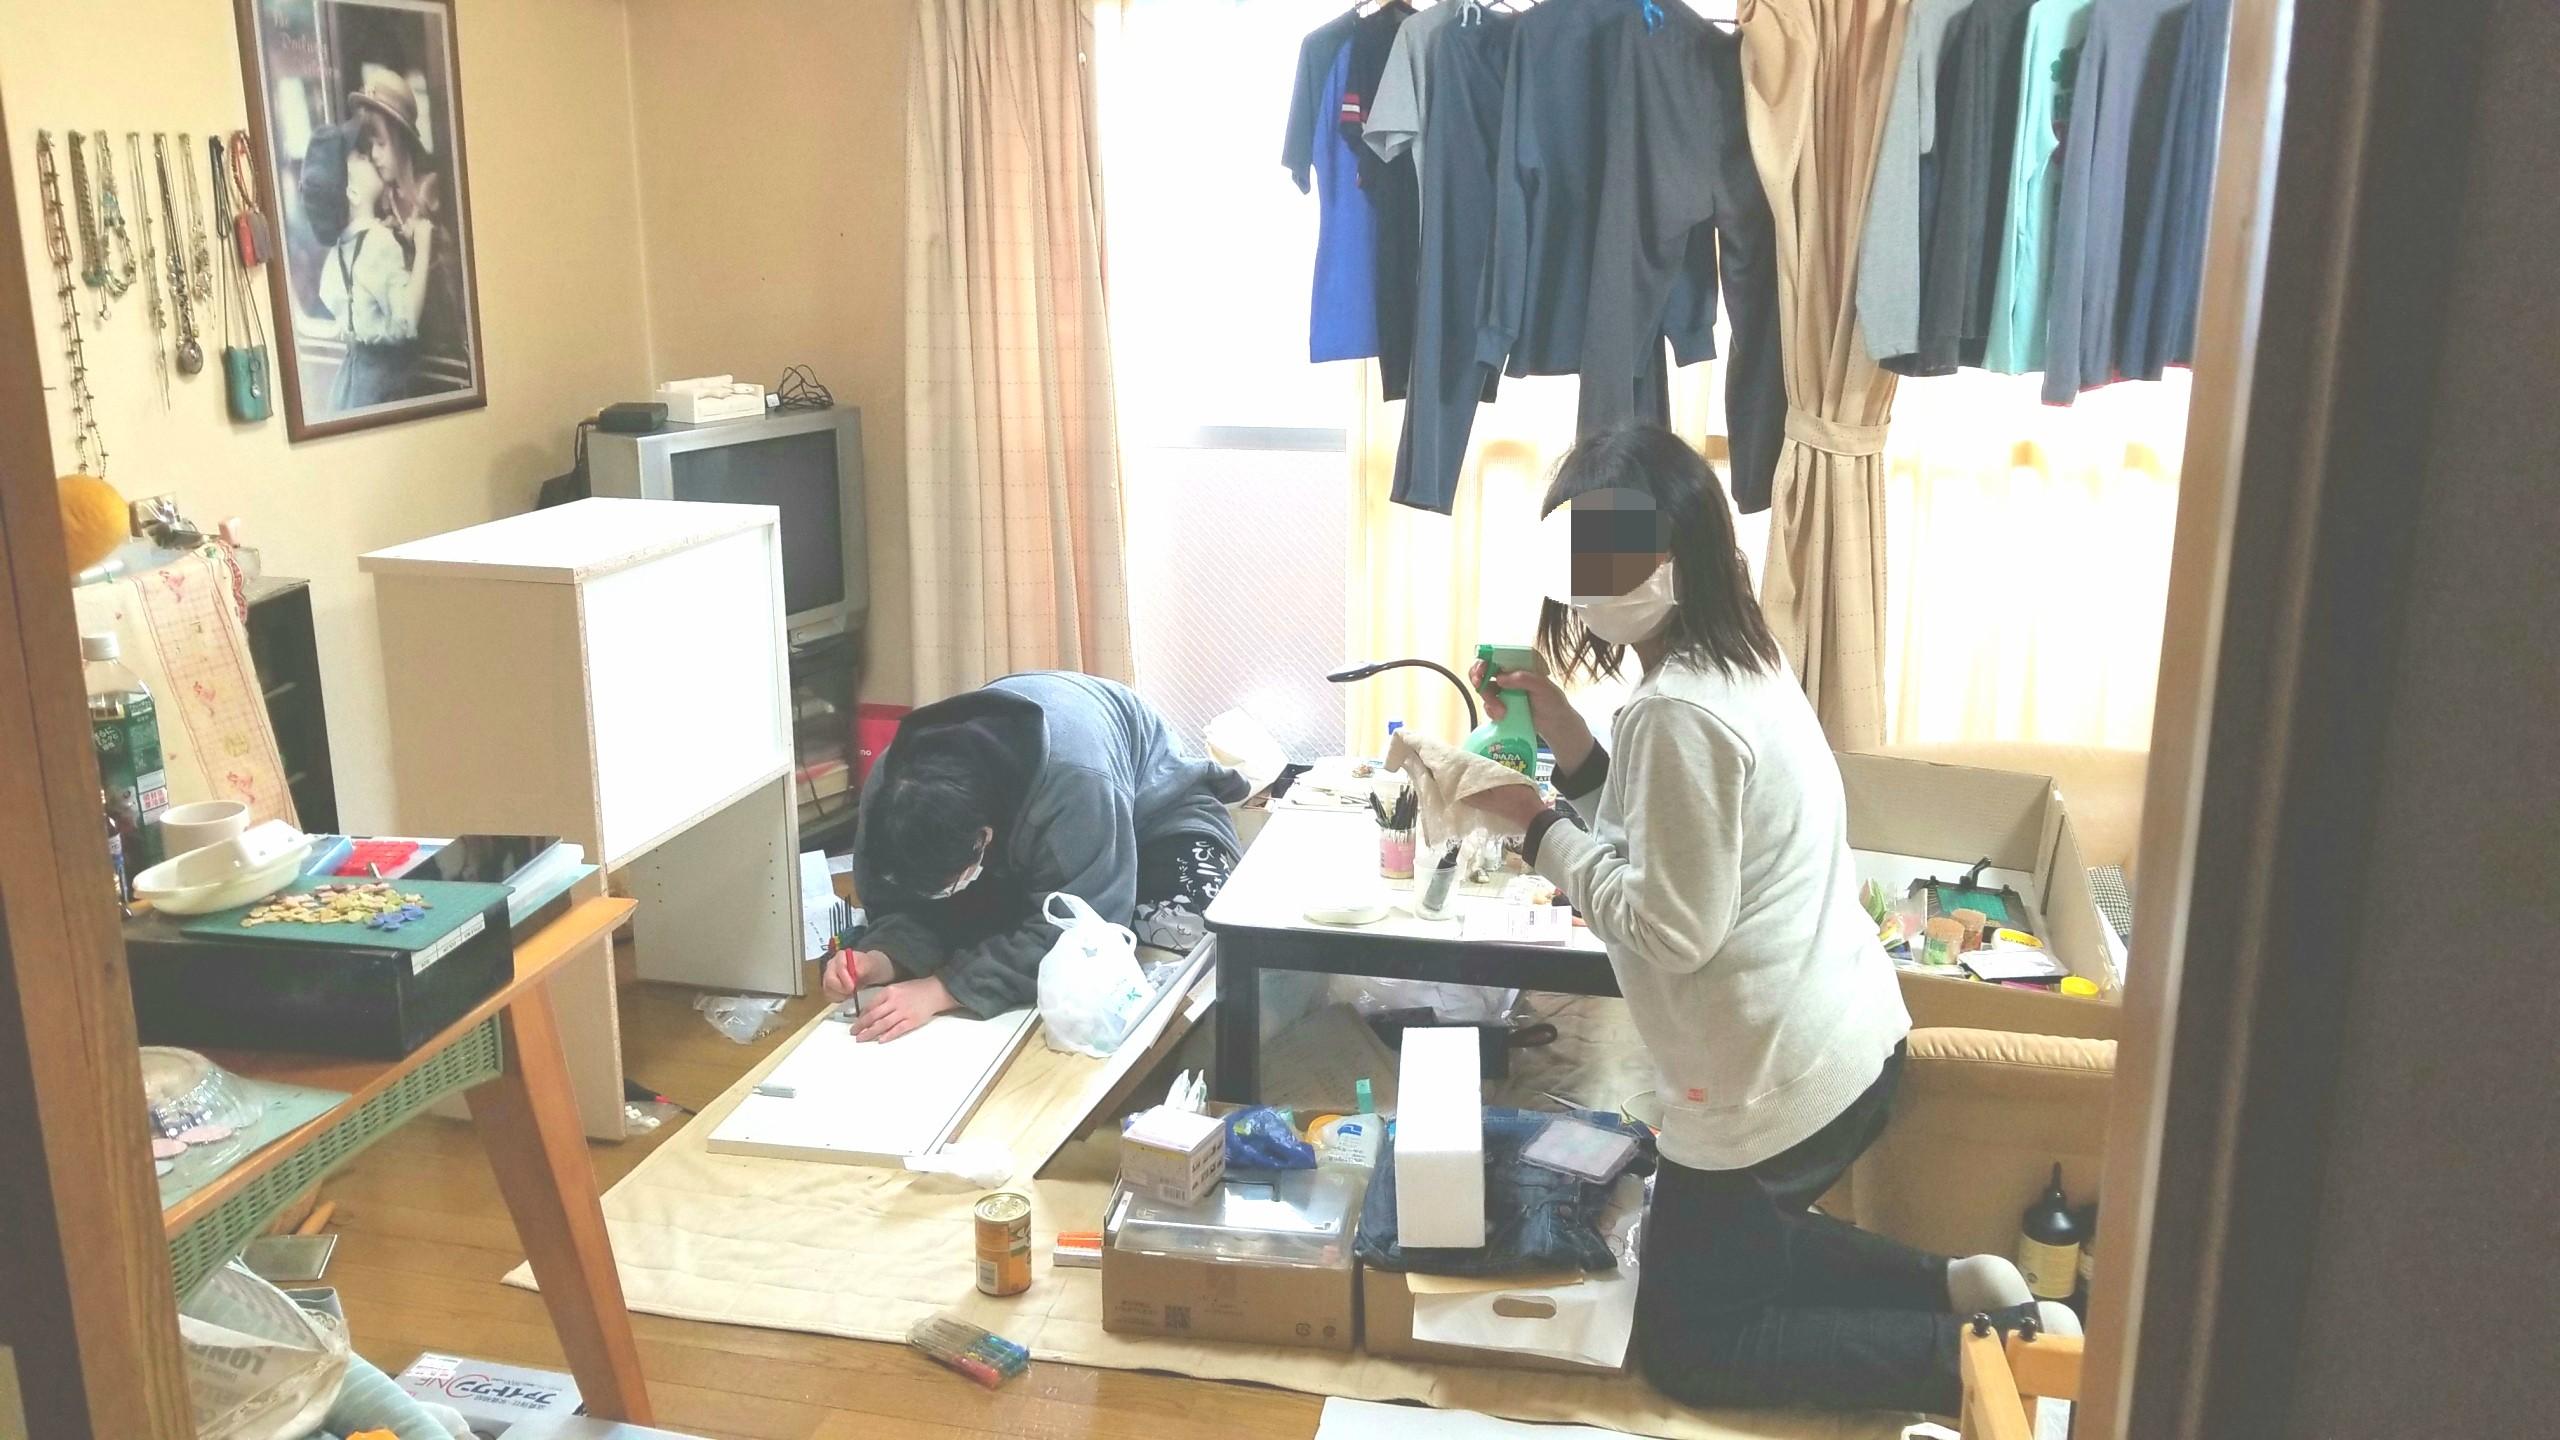 お部屋掃除,新しい家具を購入新調,組み立て作業,ワンルーム